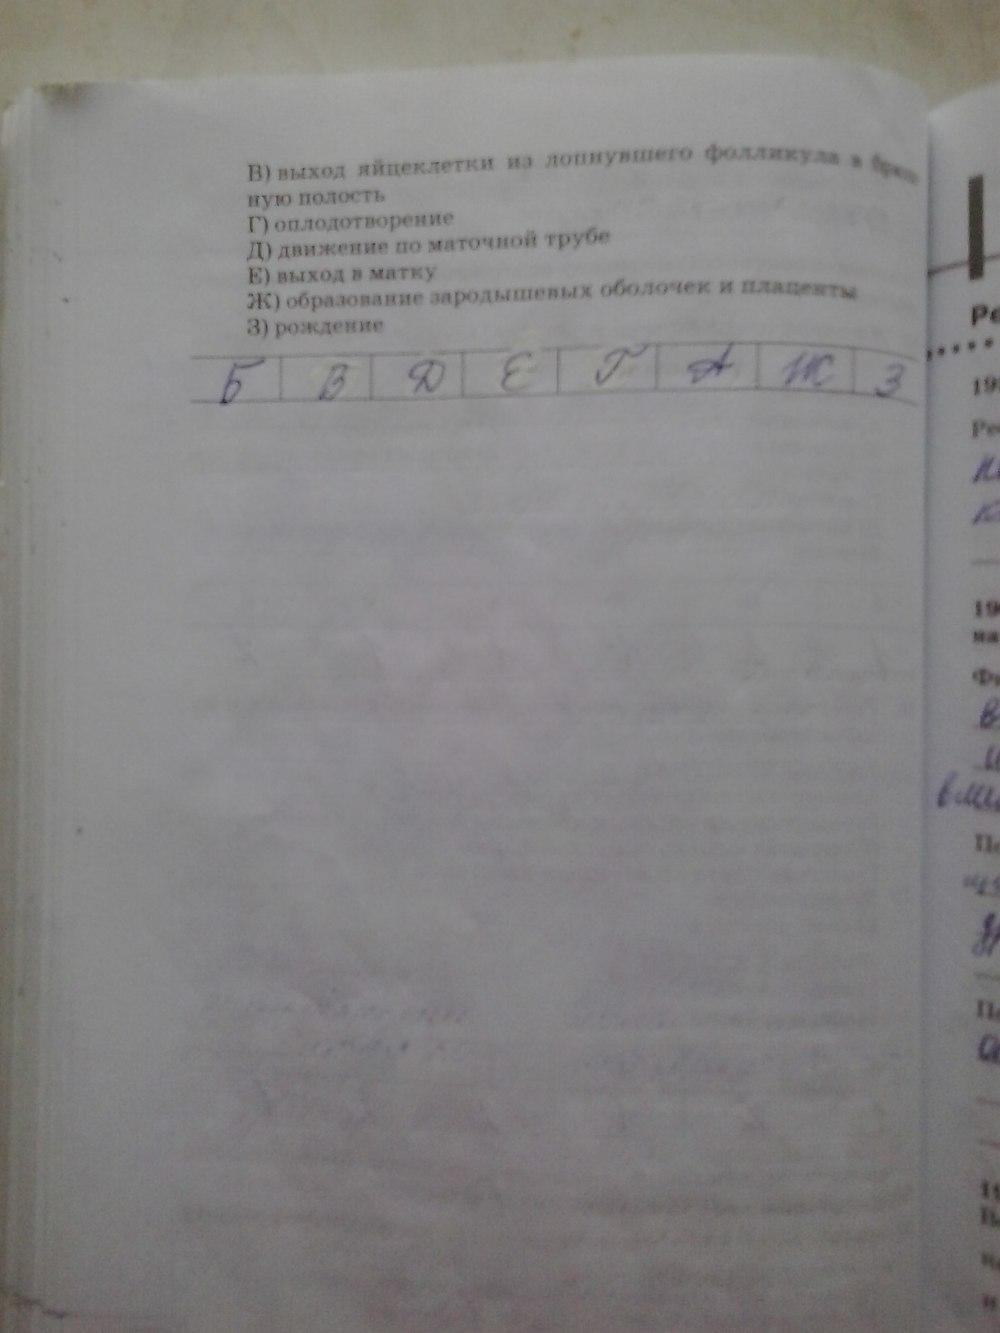 решебник для рабочей тетради по биологии 8 лисов